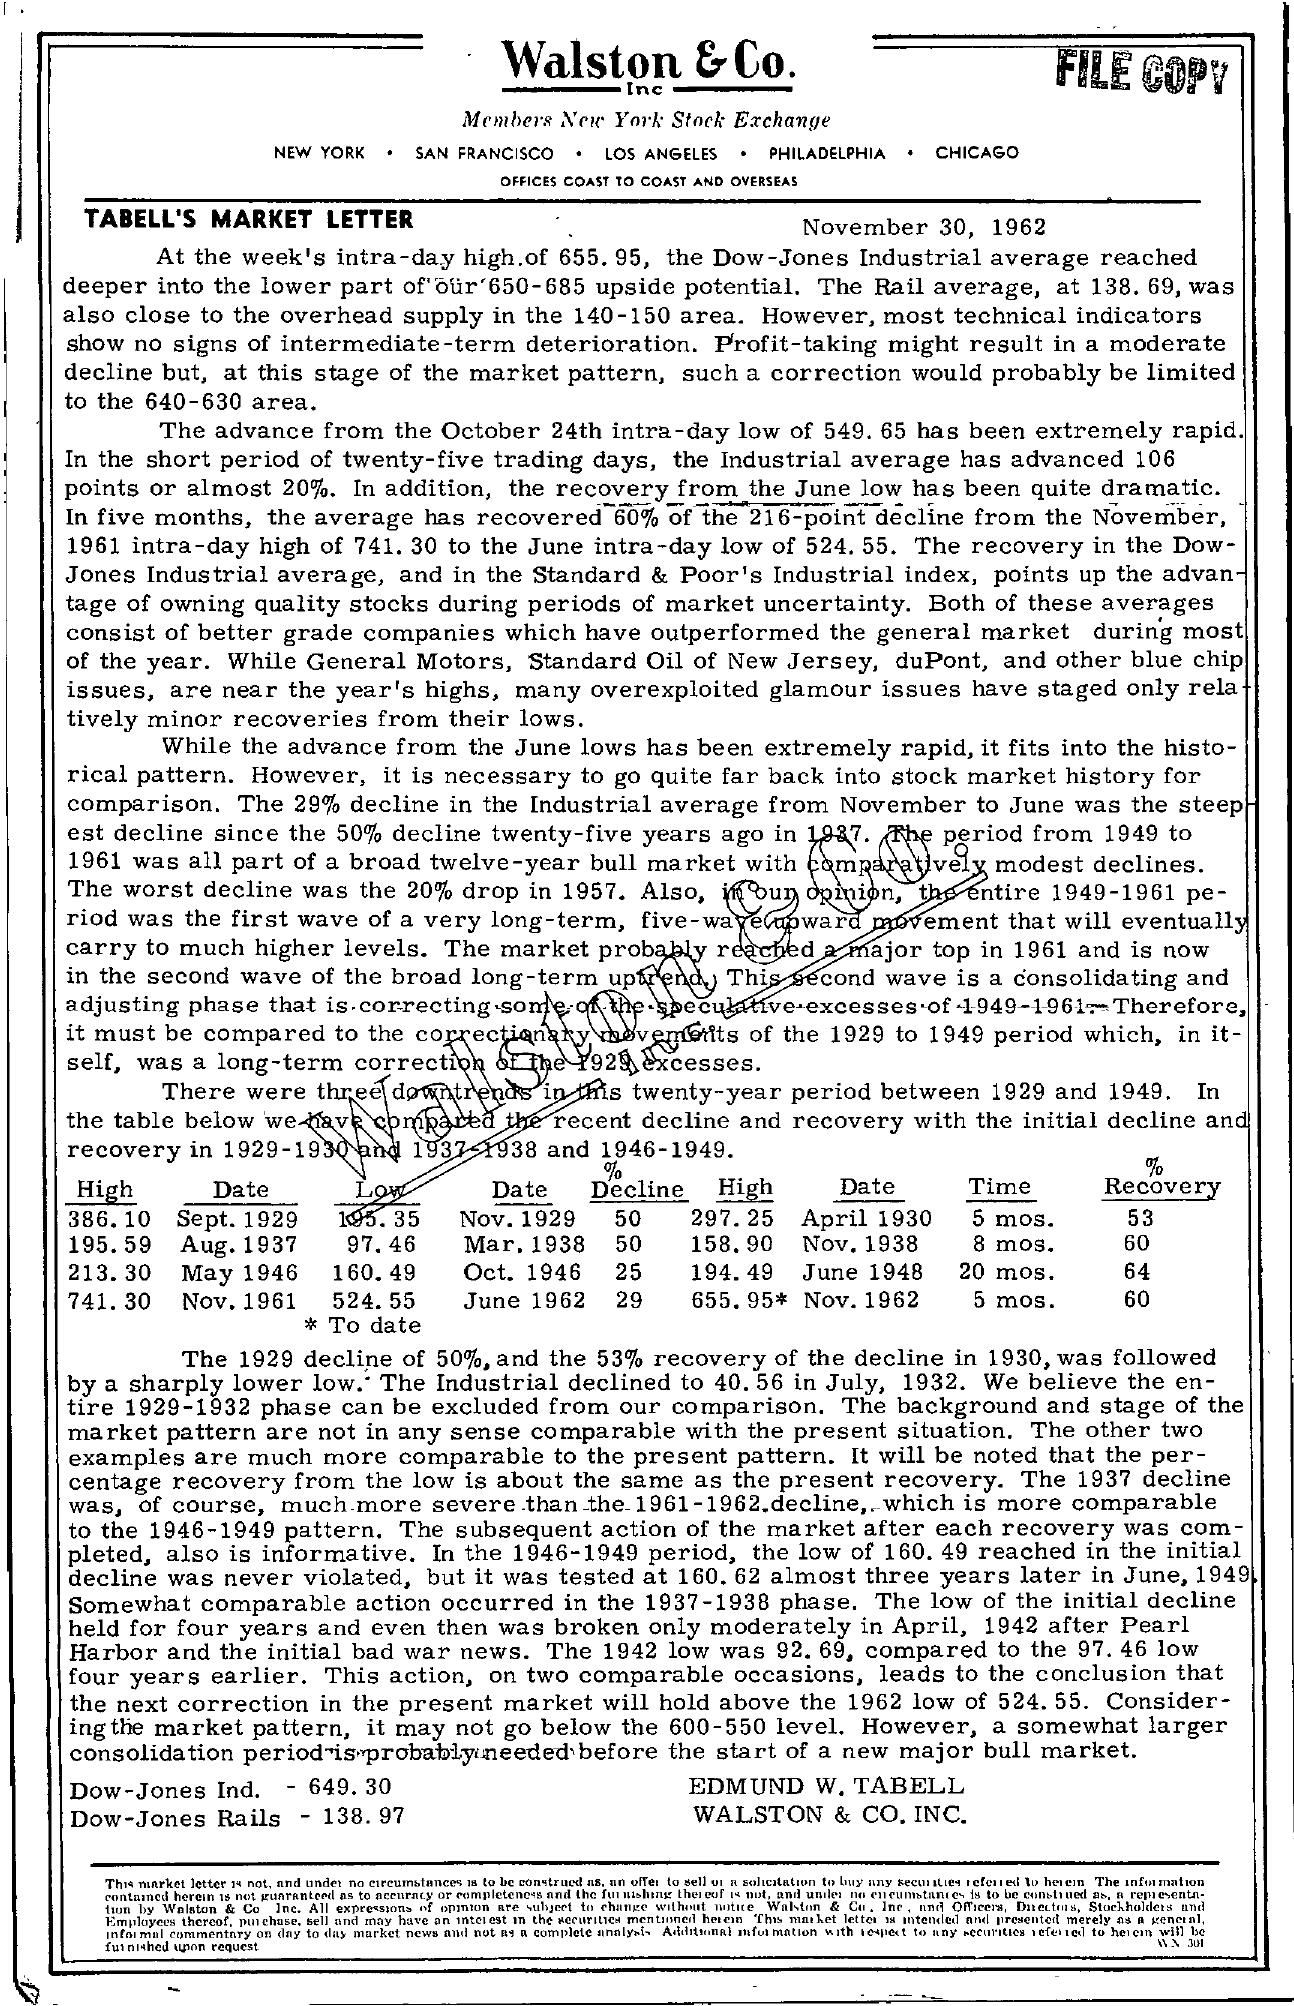 Tabell's Market Letter - November 30, 1962